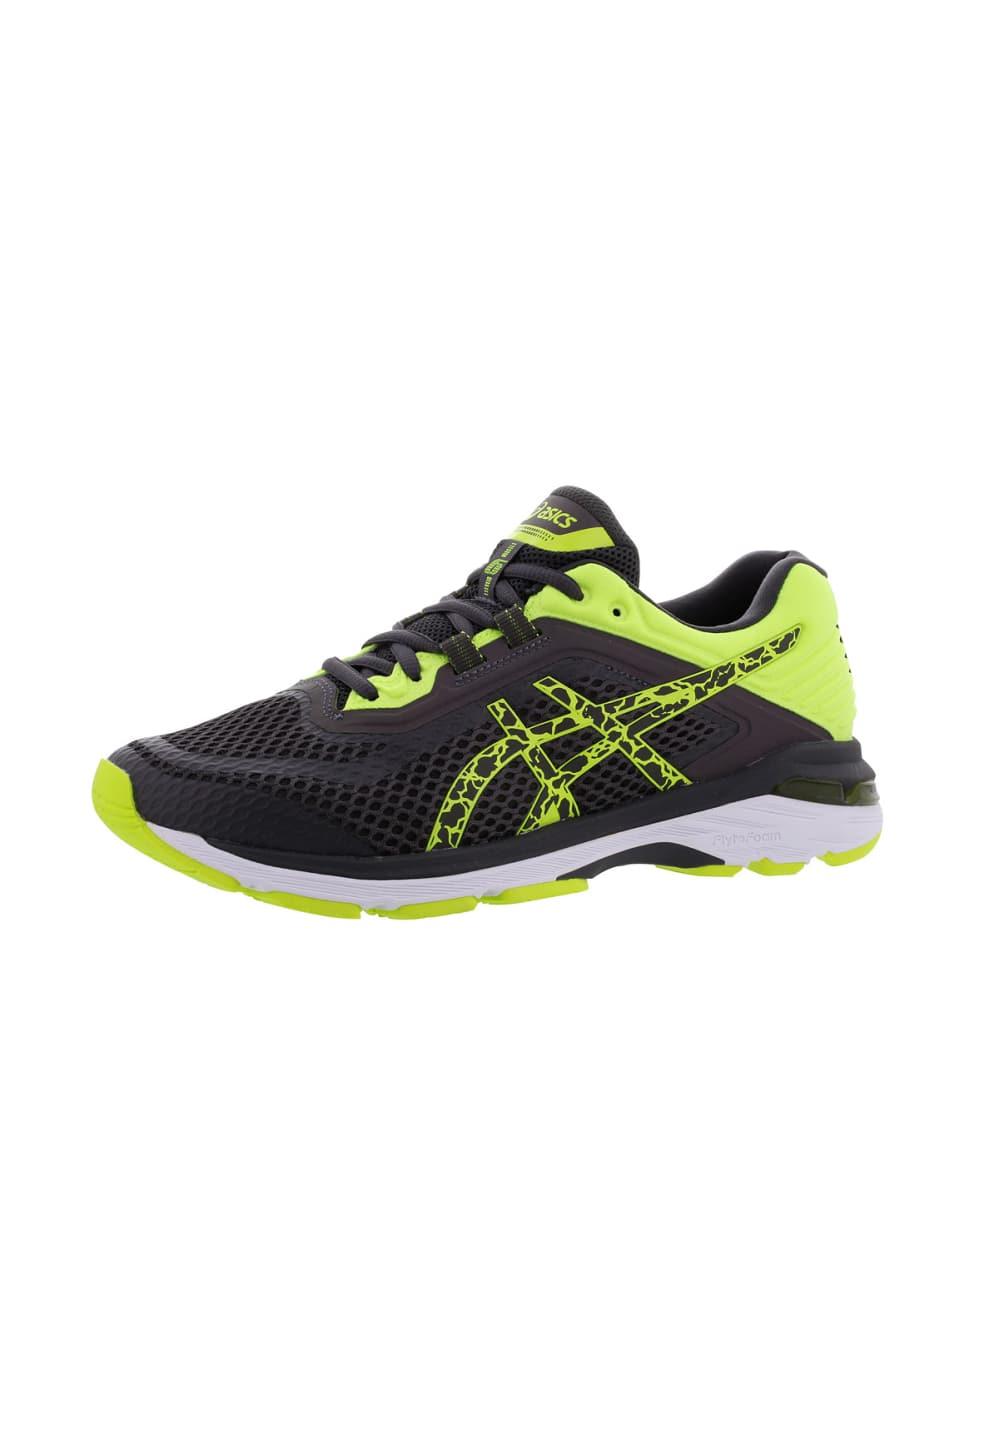 ASICS GT-2000 6 Lite-Show - Running shoes for Men - Black  48811e3f3d